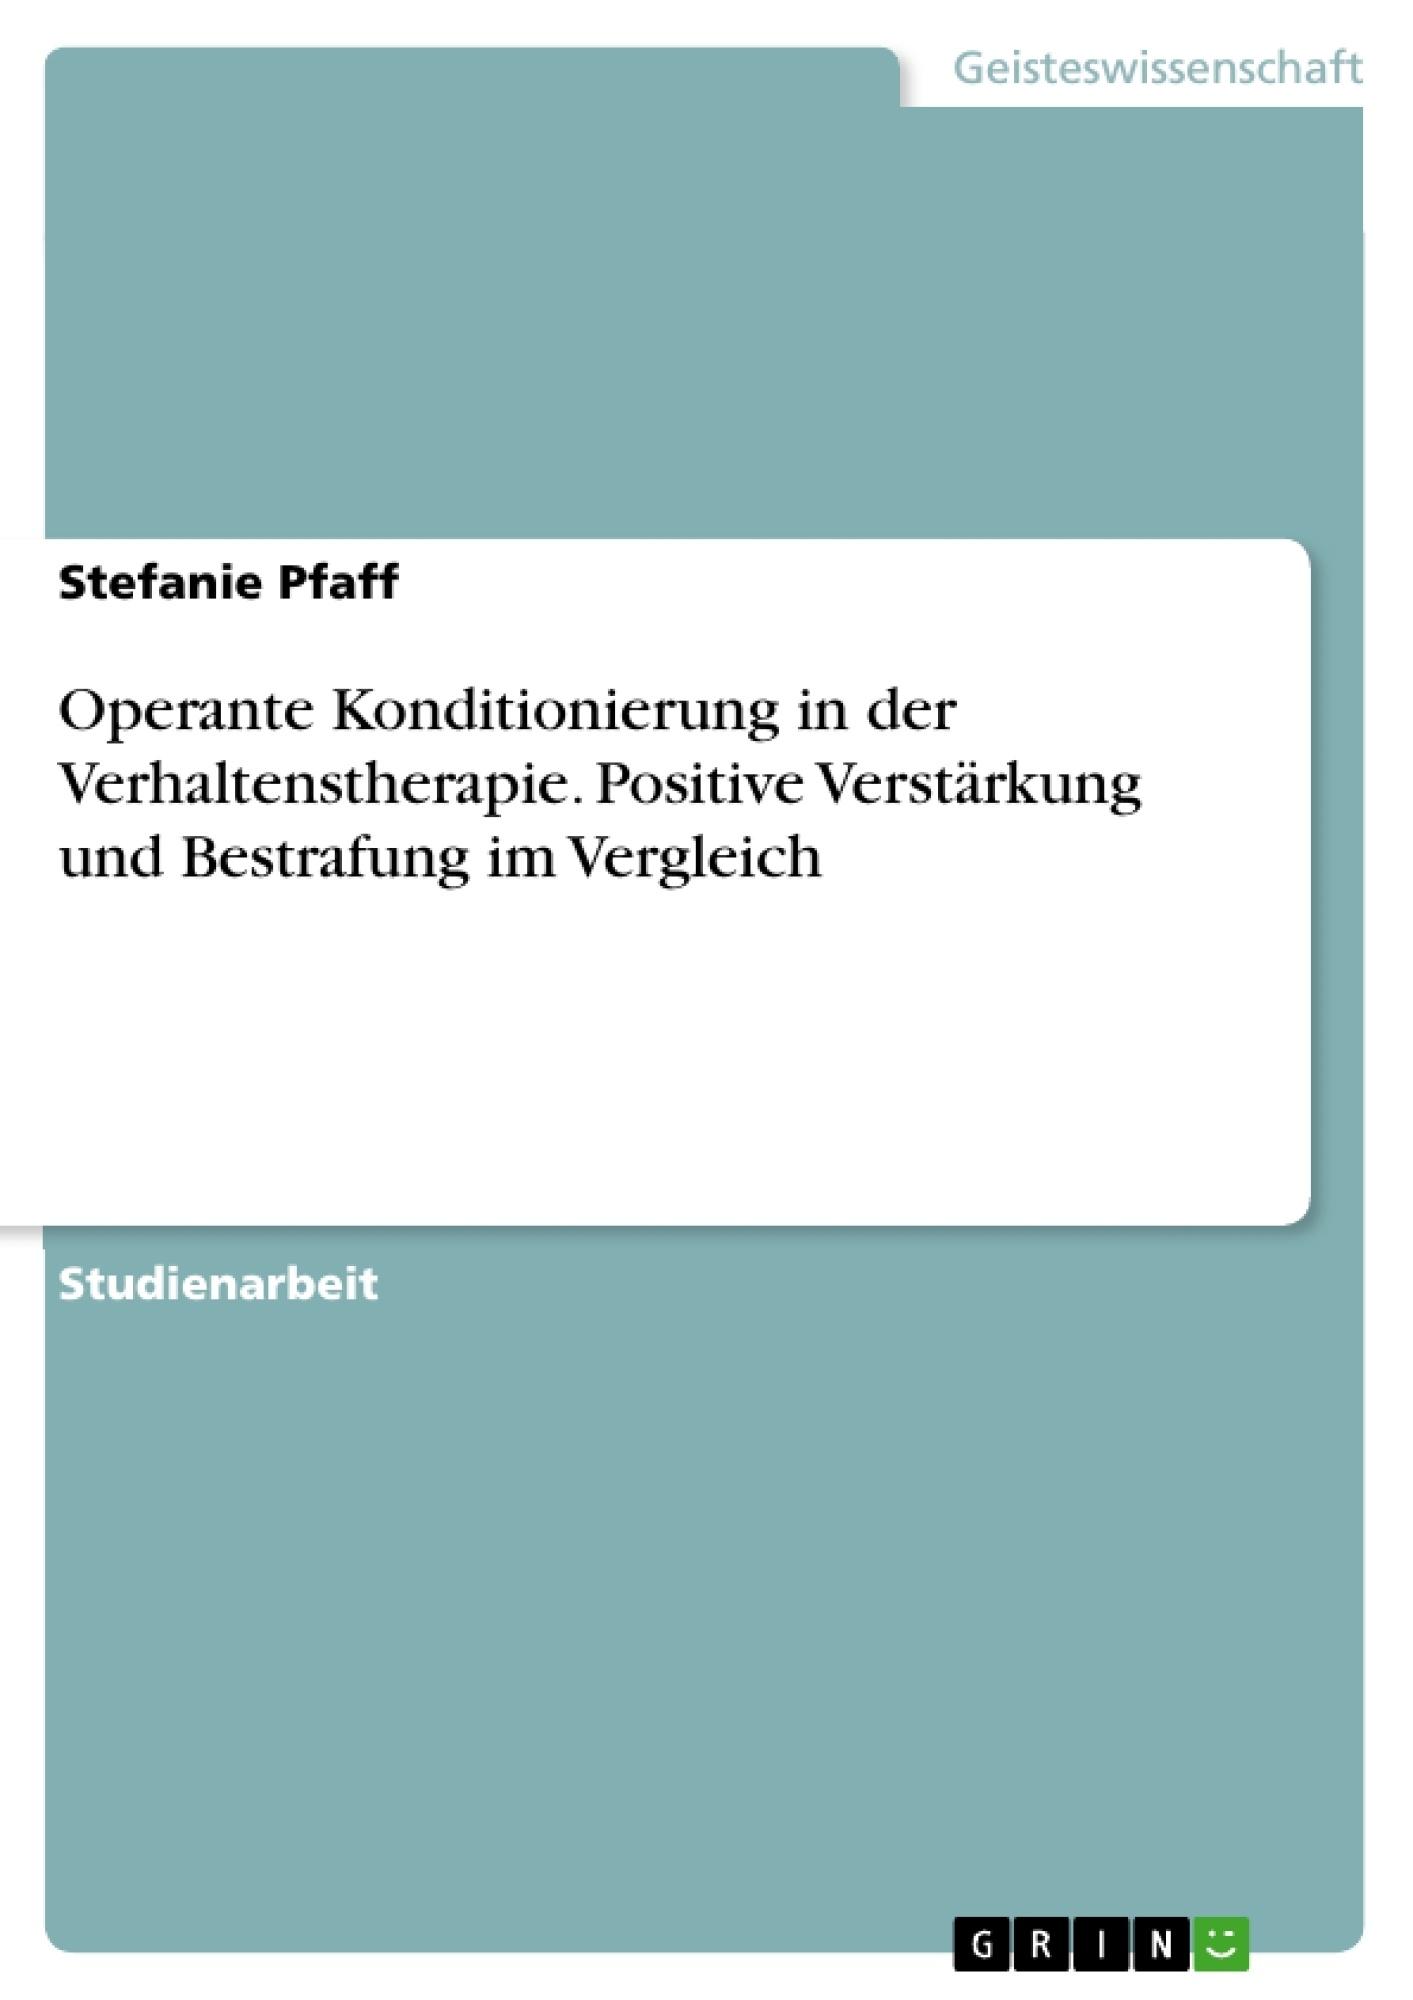 Titel: Operante Konditionierung in der Verhaltenstherapie. Positive Verstärkung und Bestrafung im Vergleich